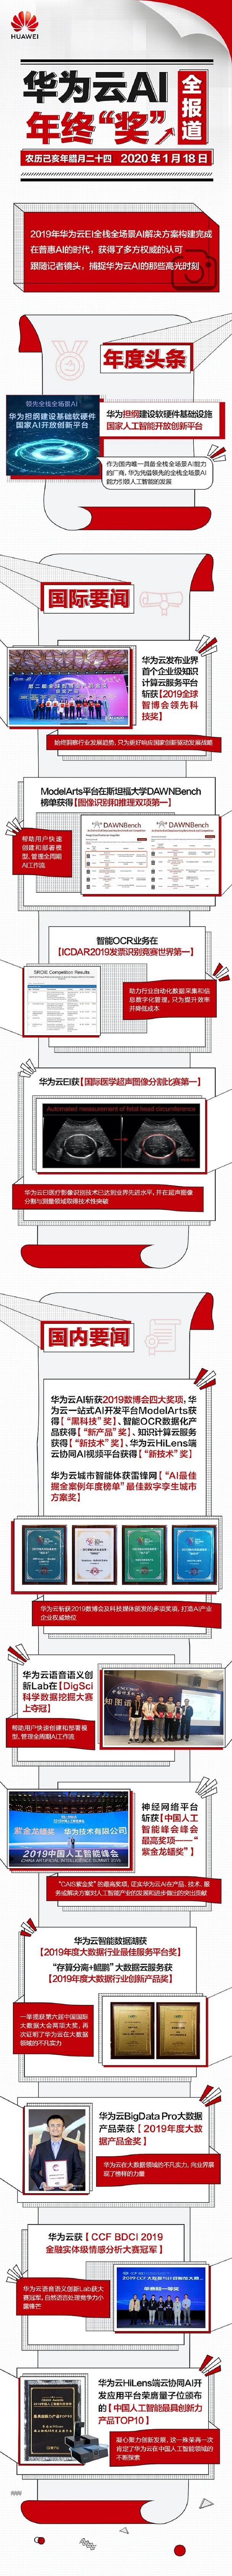 http://www.reviewcode.cn/jiagousheji/112894.html